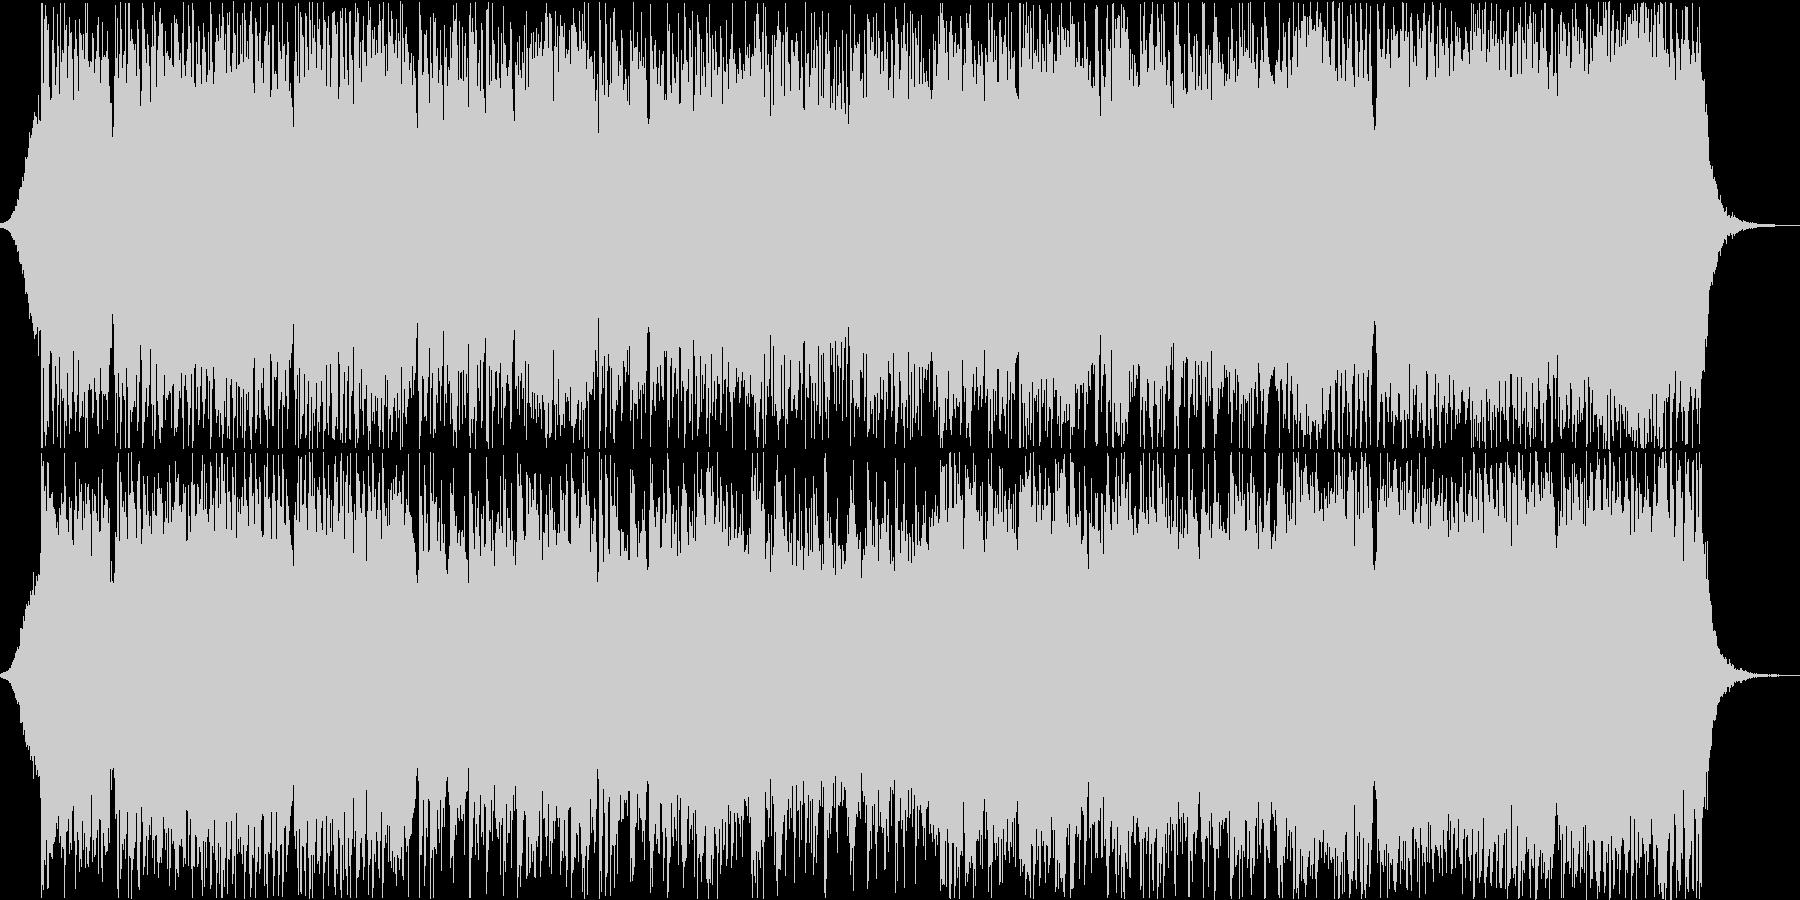 ダークファンタジーオーケストラ戦闘曲50の未再生の波形